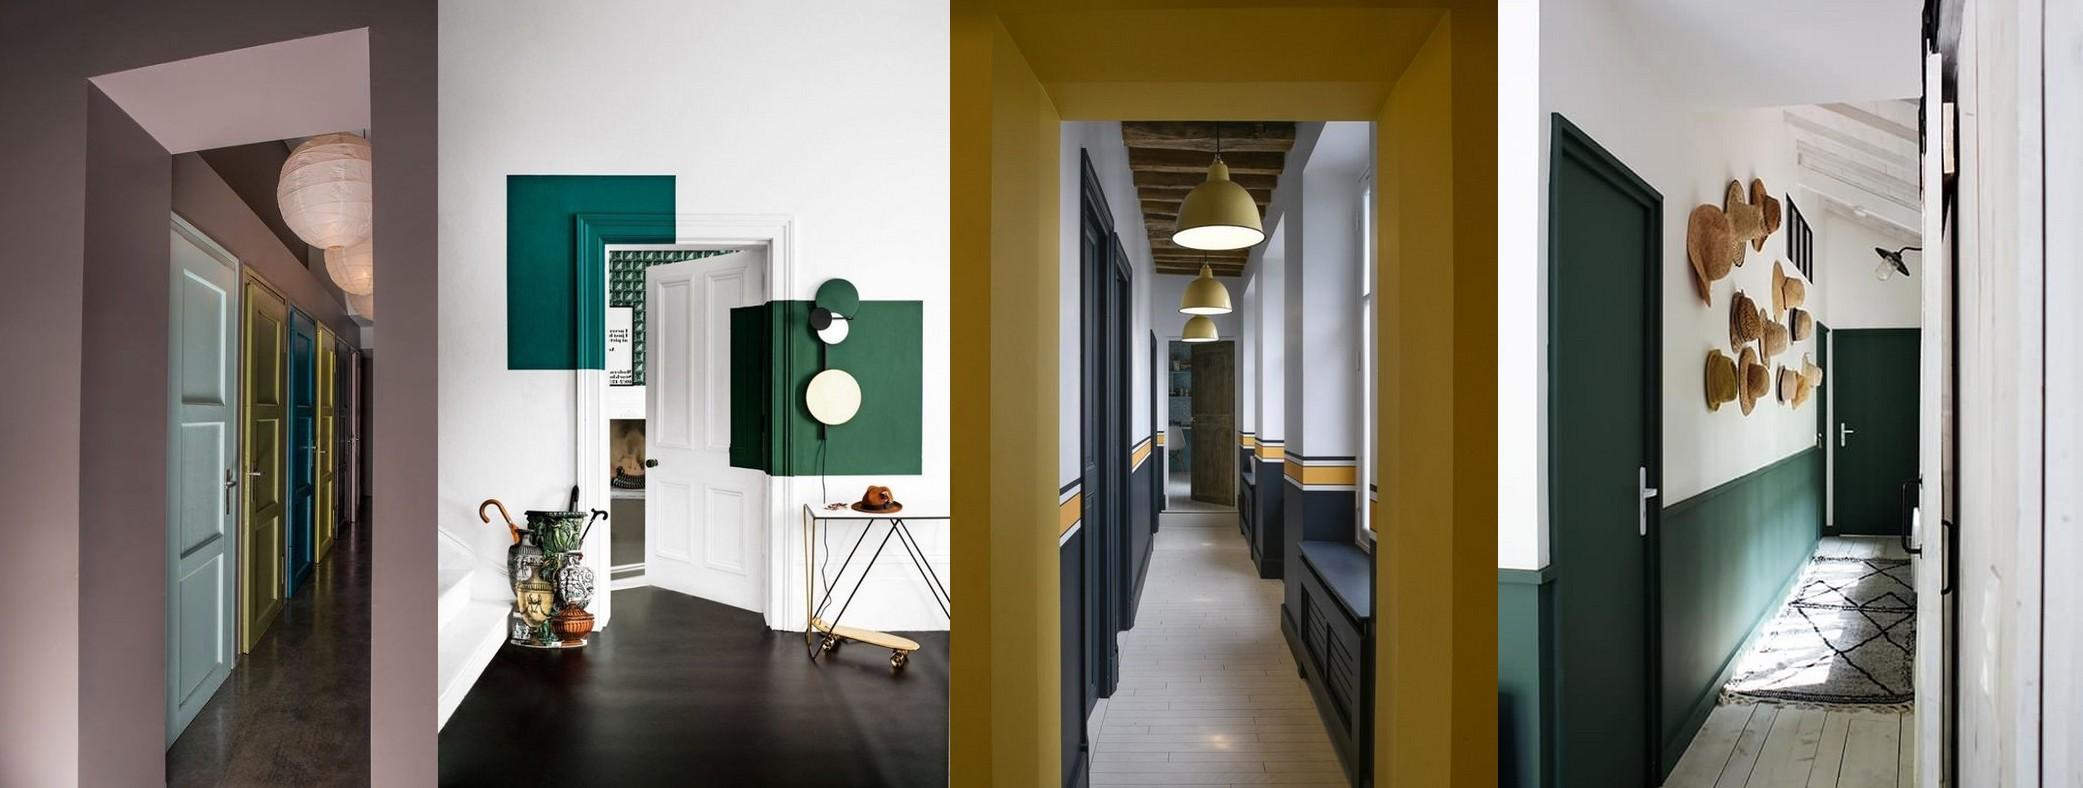 Couloirs (4).jpg